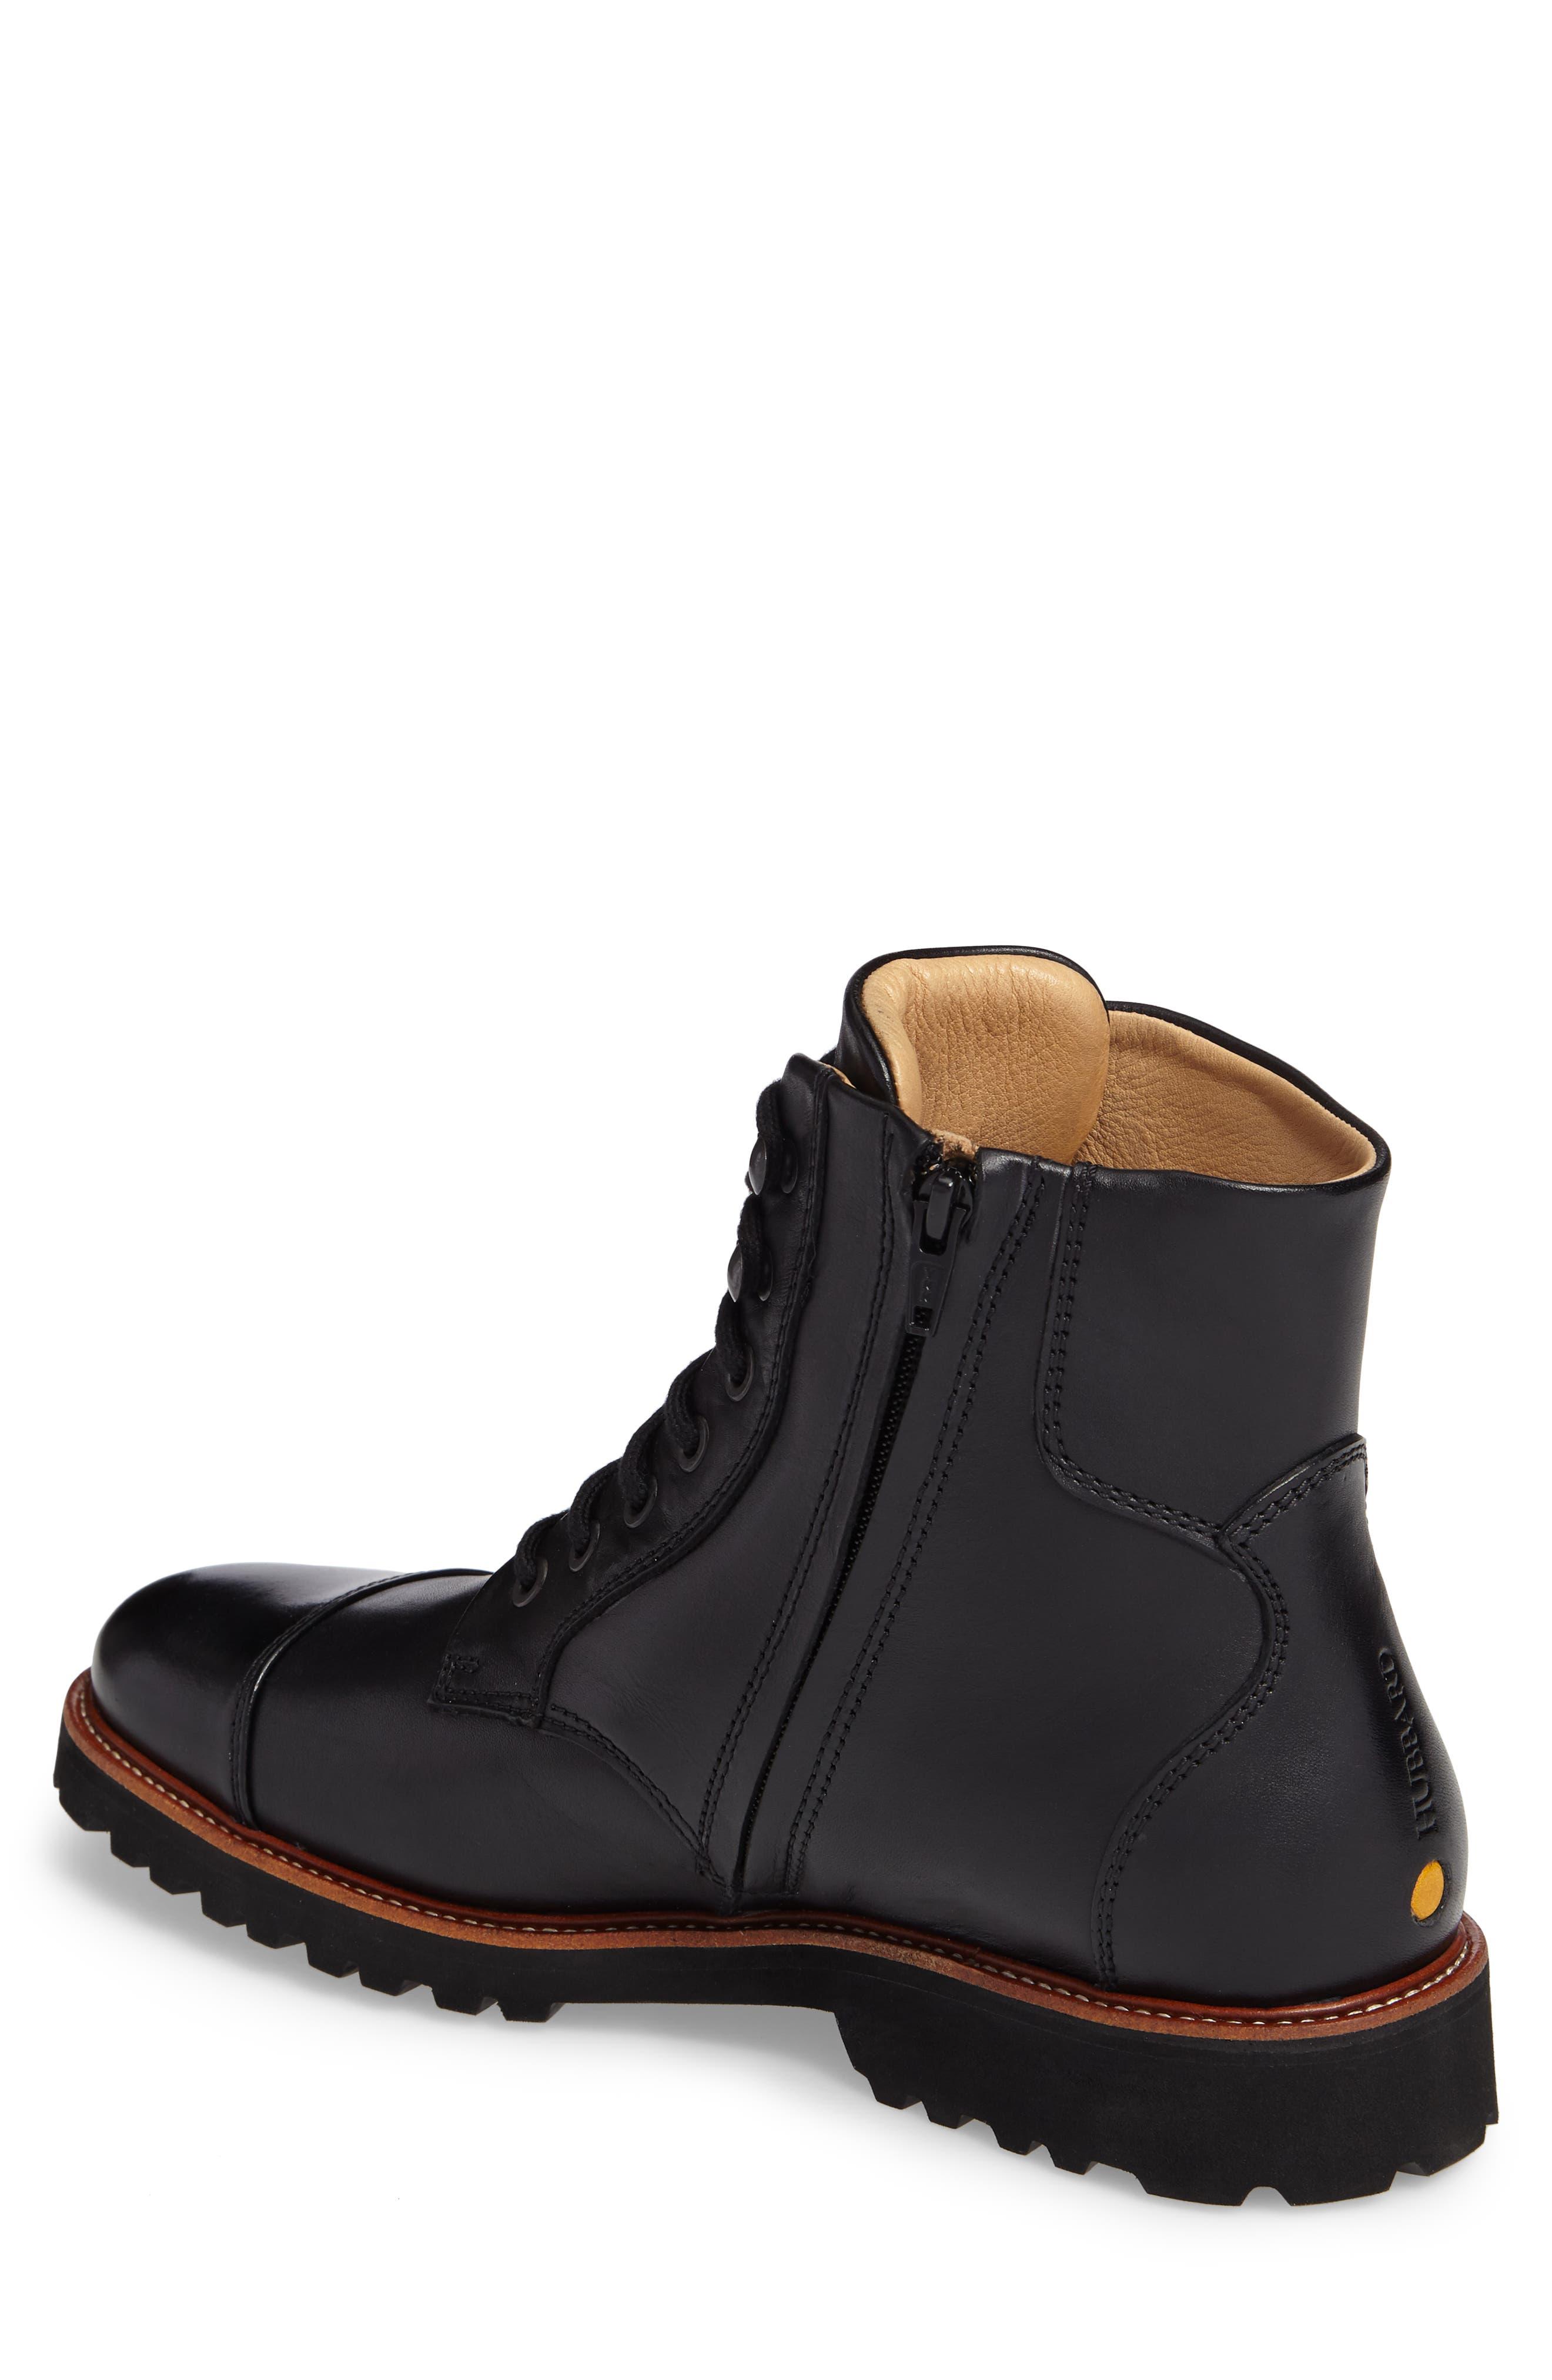 Uptown Maverick Cap Toe Boot,                             Alternate thumbnail 2, color,                             Black Leather